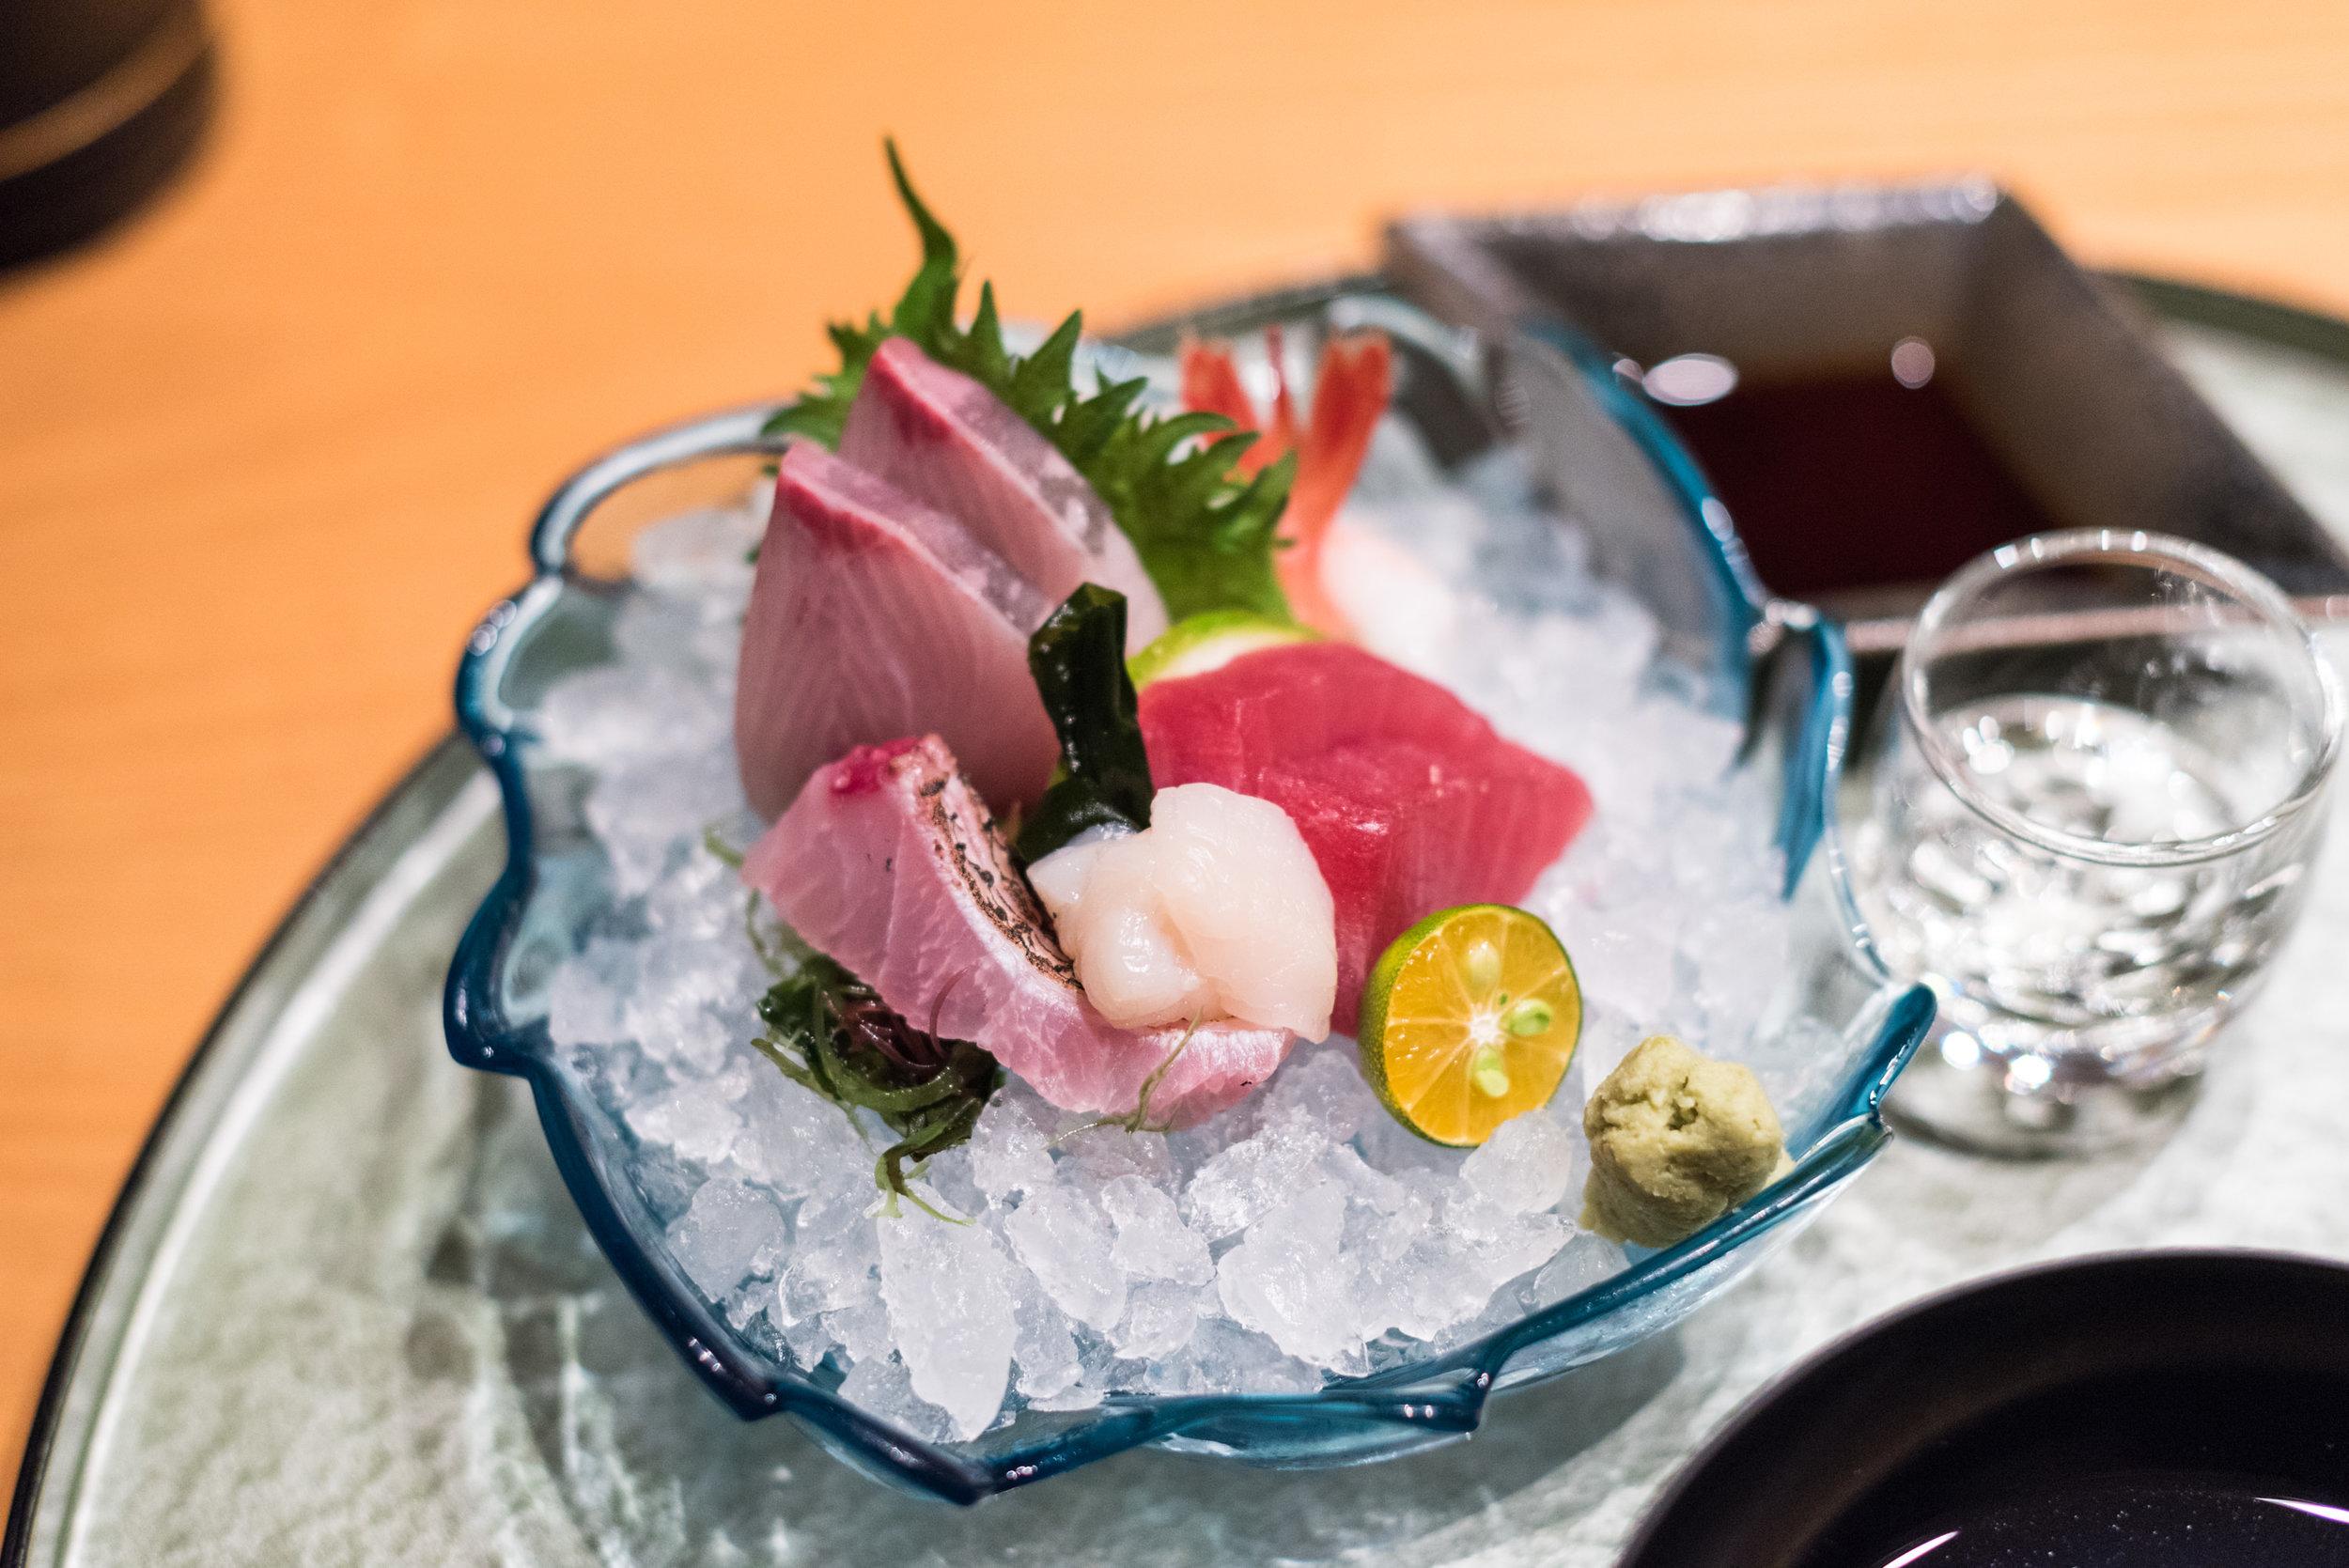 Five Types of Sashimi  ibuki by Takagi Kazuo - Shangri-La's Far Eastern Plaza Hotel, Taipei